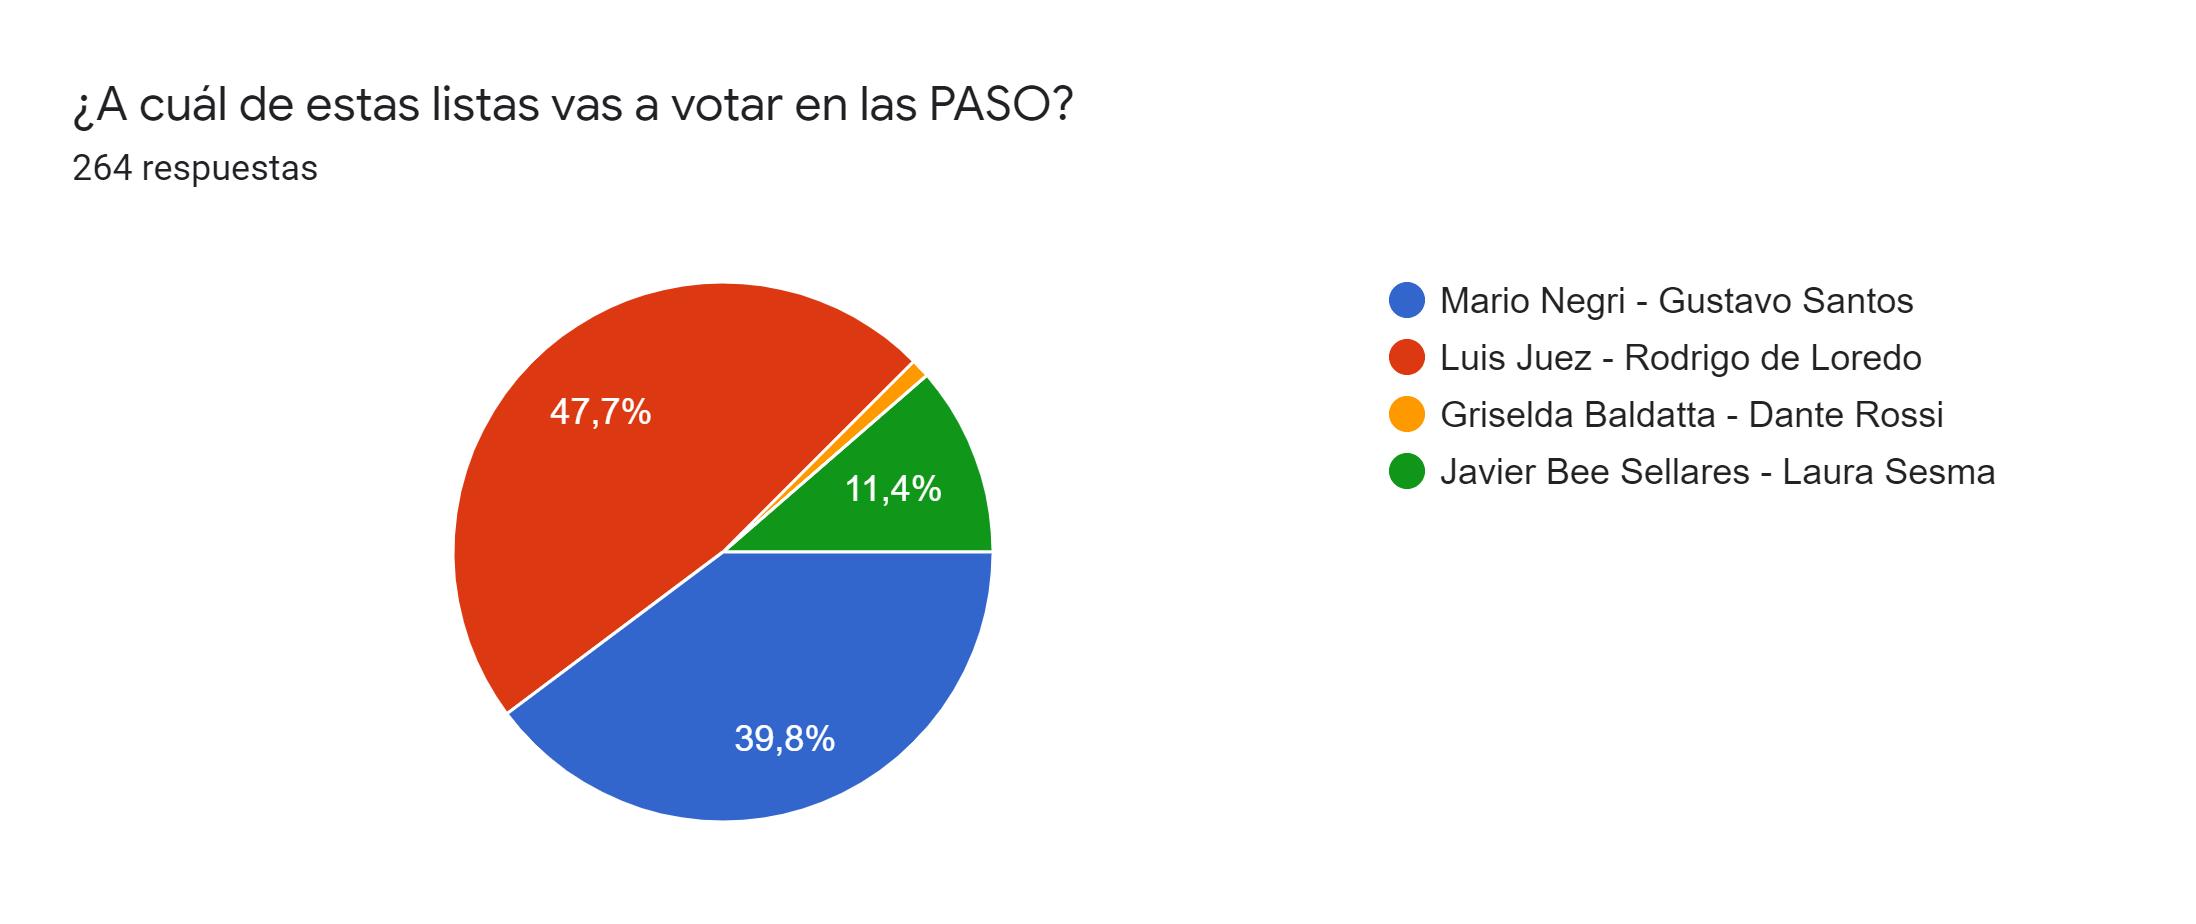 Gráfico de respuestas de formularios. Título de la pregunta:¿A cuál de estas listas vas a votar en las PASO?. Número de respuestas:264 respuestas.